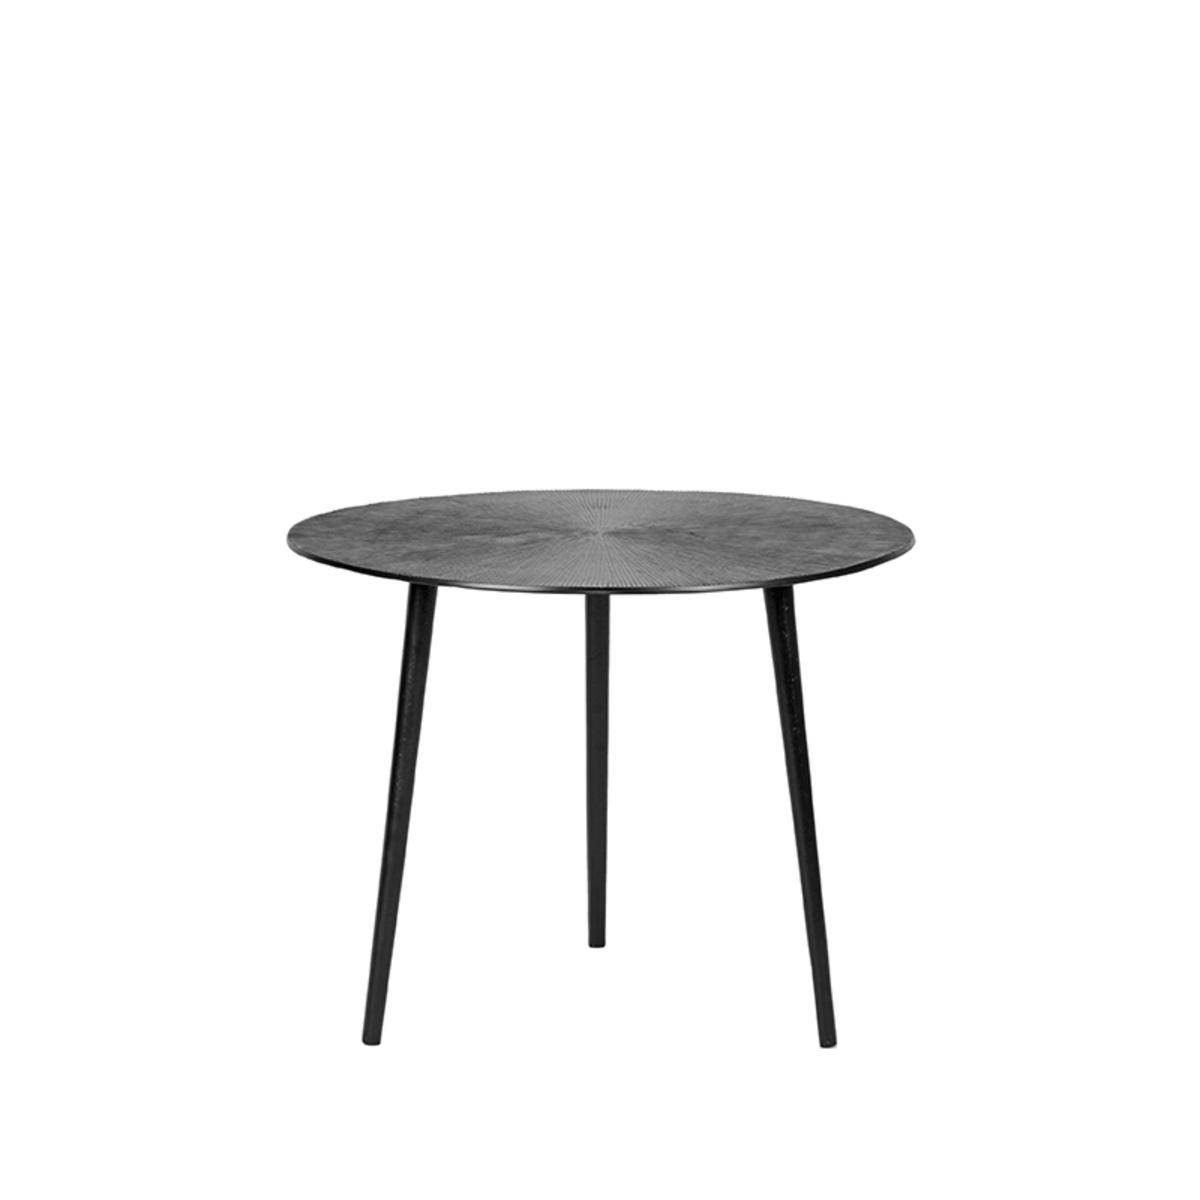 LABEL51 Salontafel Nobby - Zwart - Metaal - 50 cm